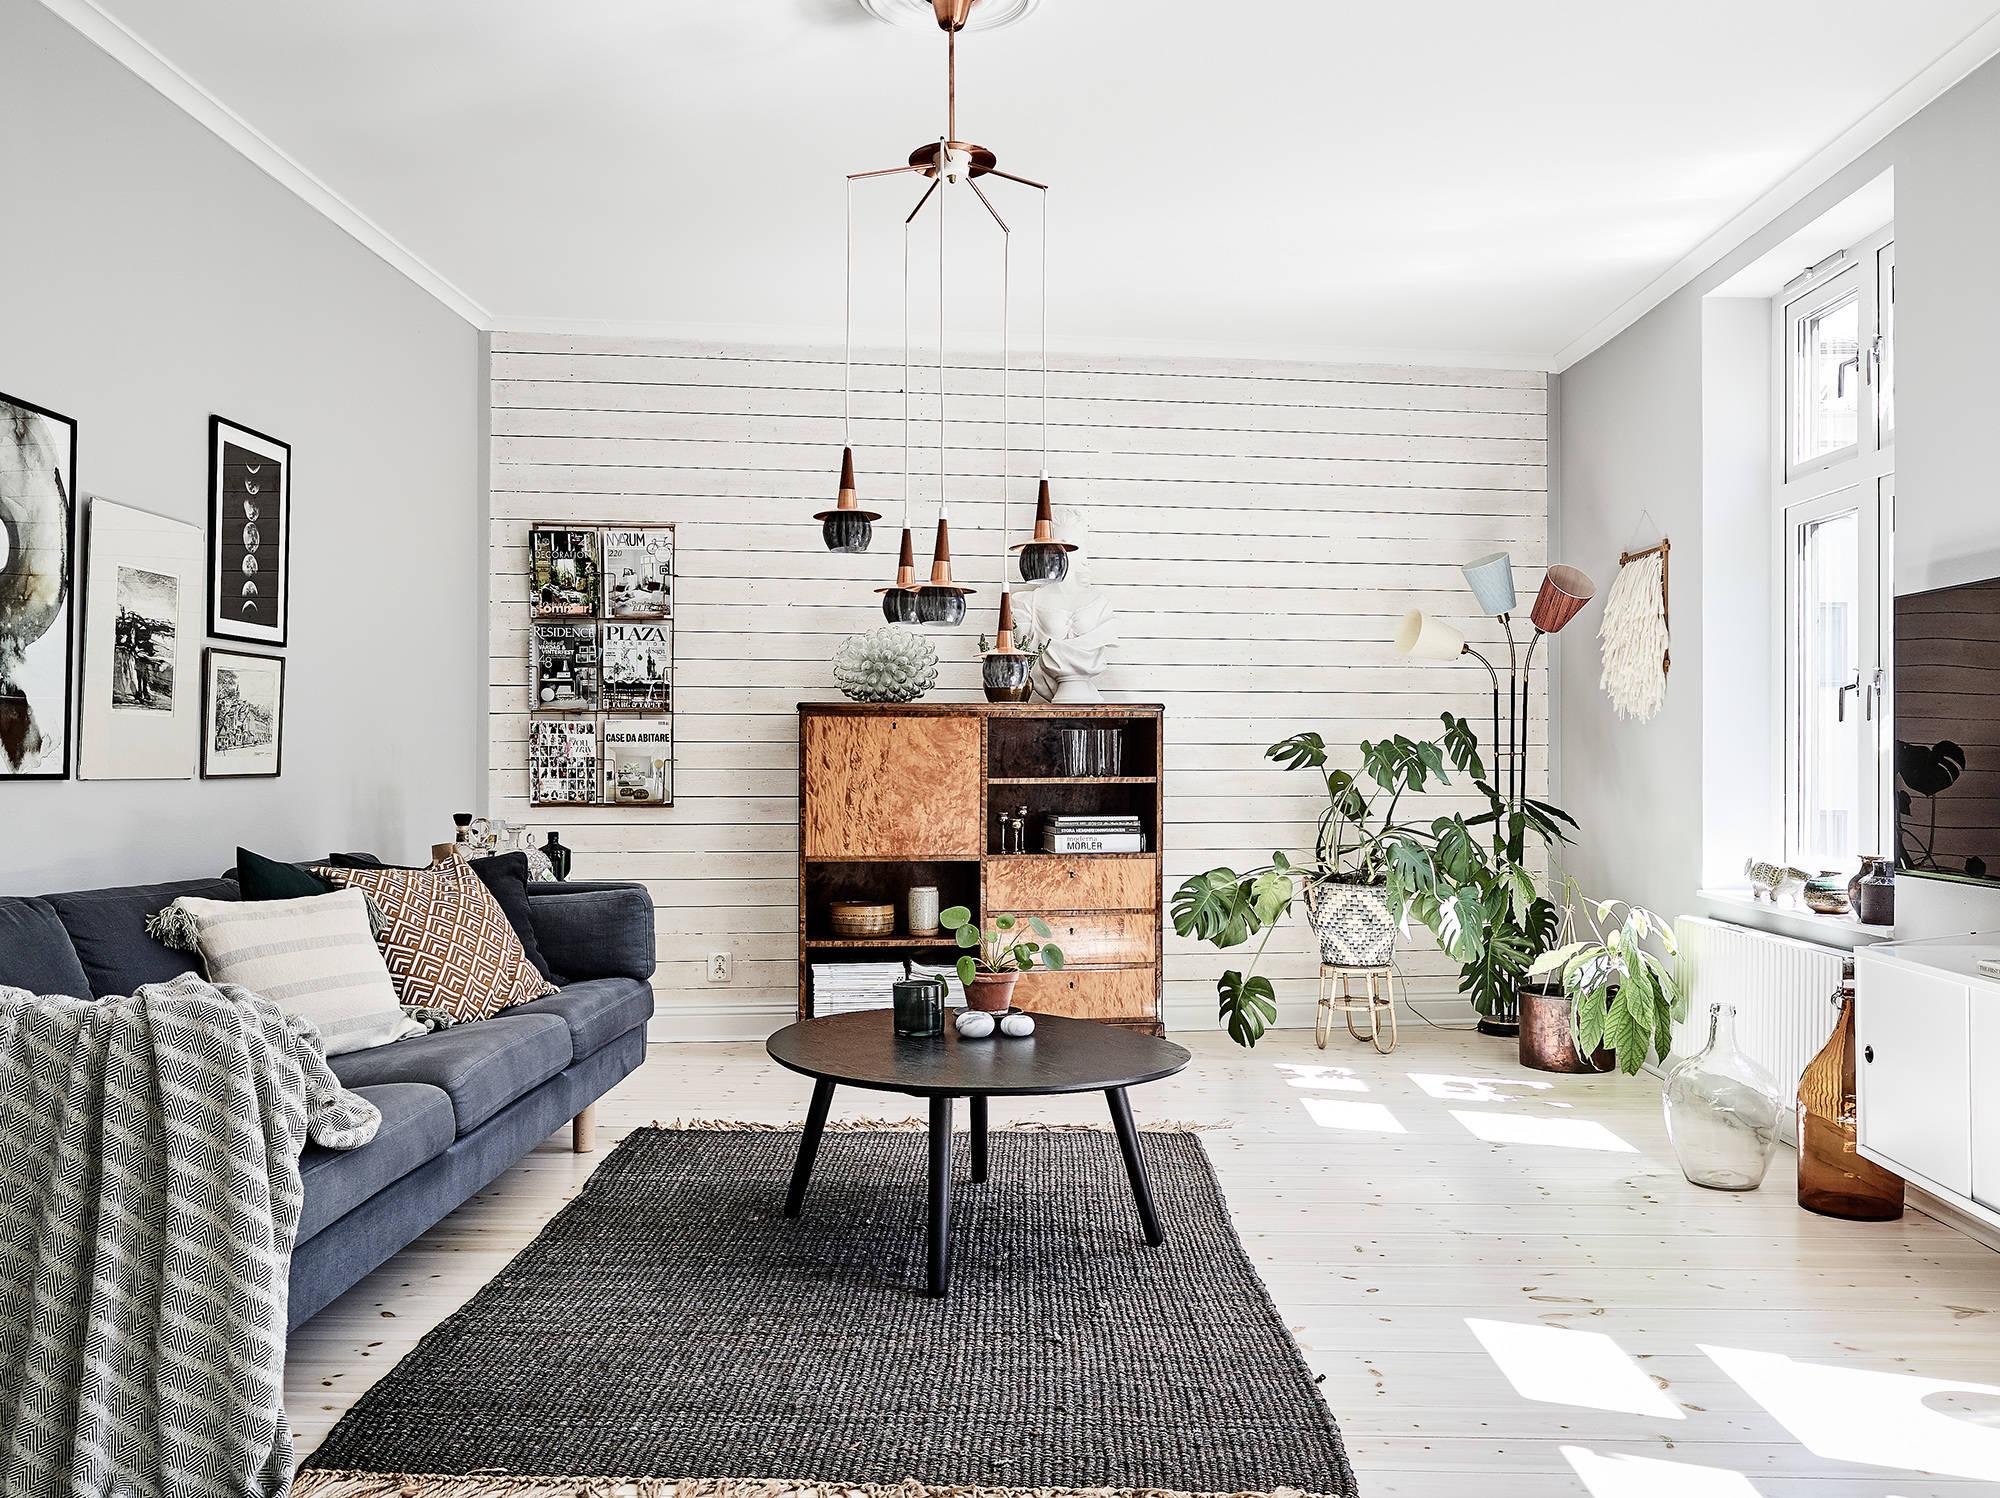 гостиная диван комнатные цветы